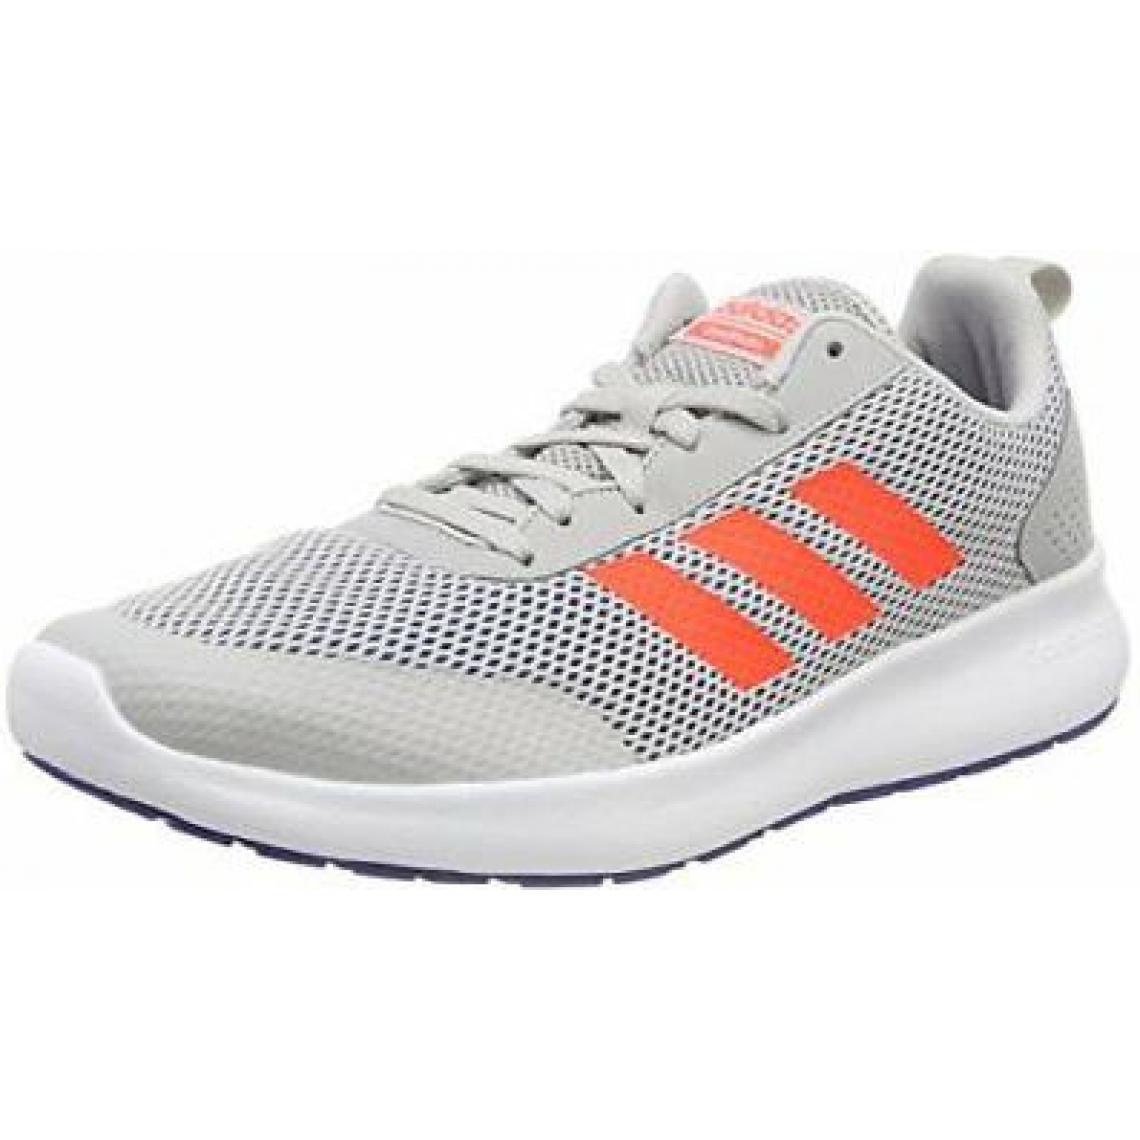 adidas Performance Cloudfoam Element Racer chaussures de running homme